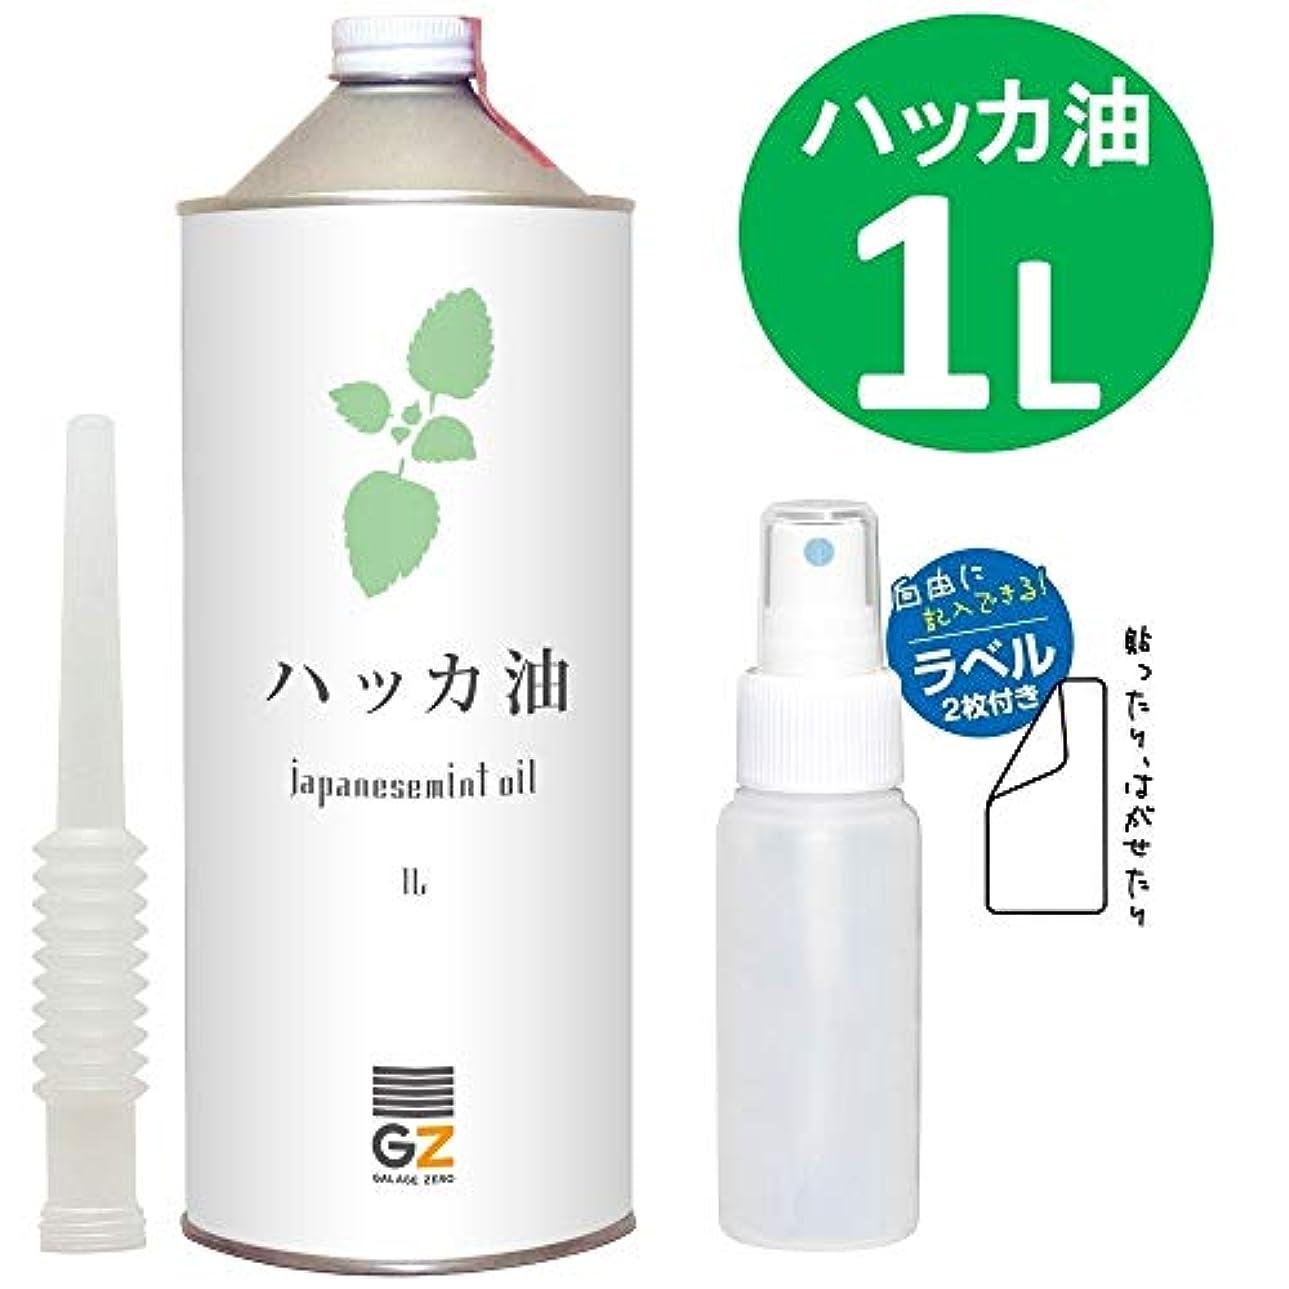 シャークどっちでもキウイガレージ?ゼロ ハッカ油 1L(GZAK14)+50mlPEスプレーボトル/和種薄荷/ジャパニーズミント GSE531